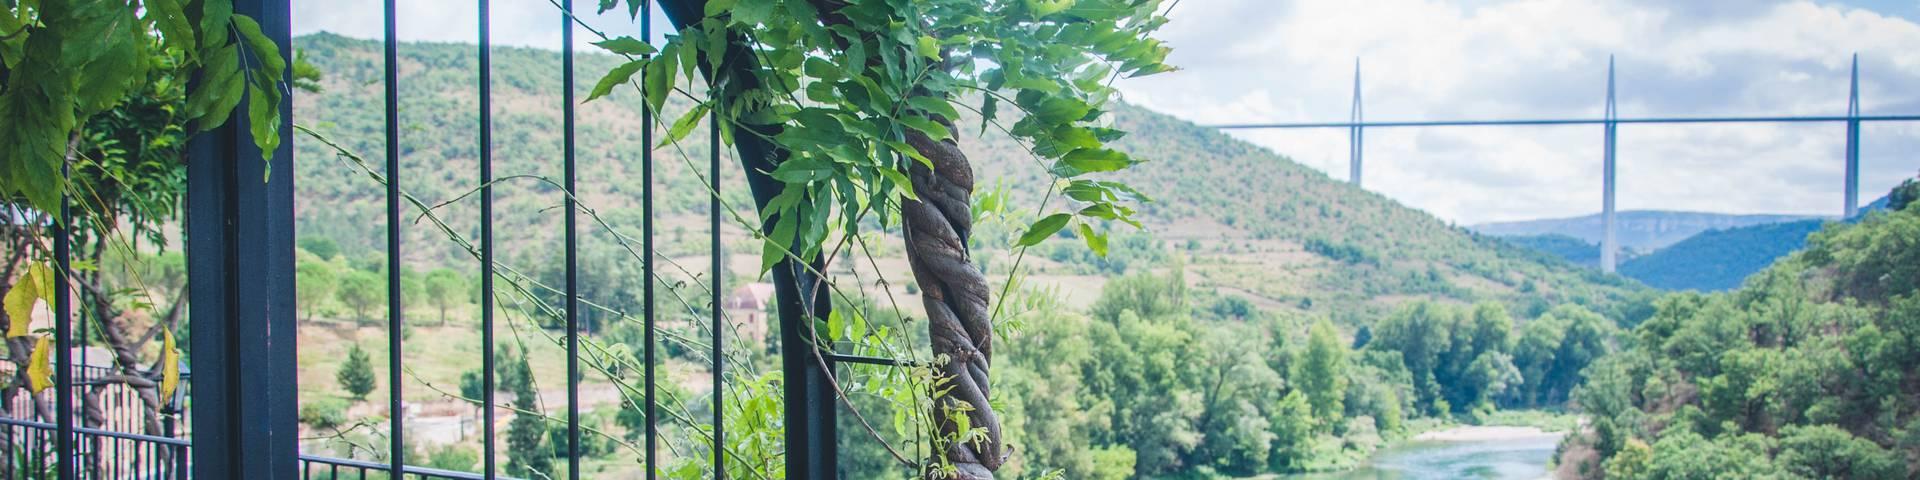 Vue du Viaduc de Millau lors d'une visite du Plus Beaux Villages de France,  Peyre